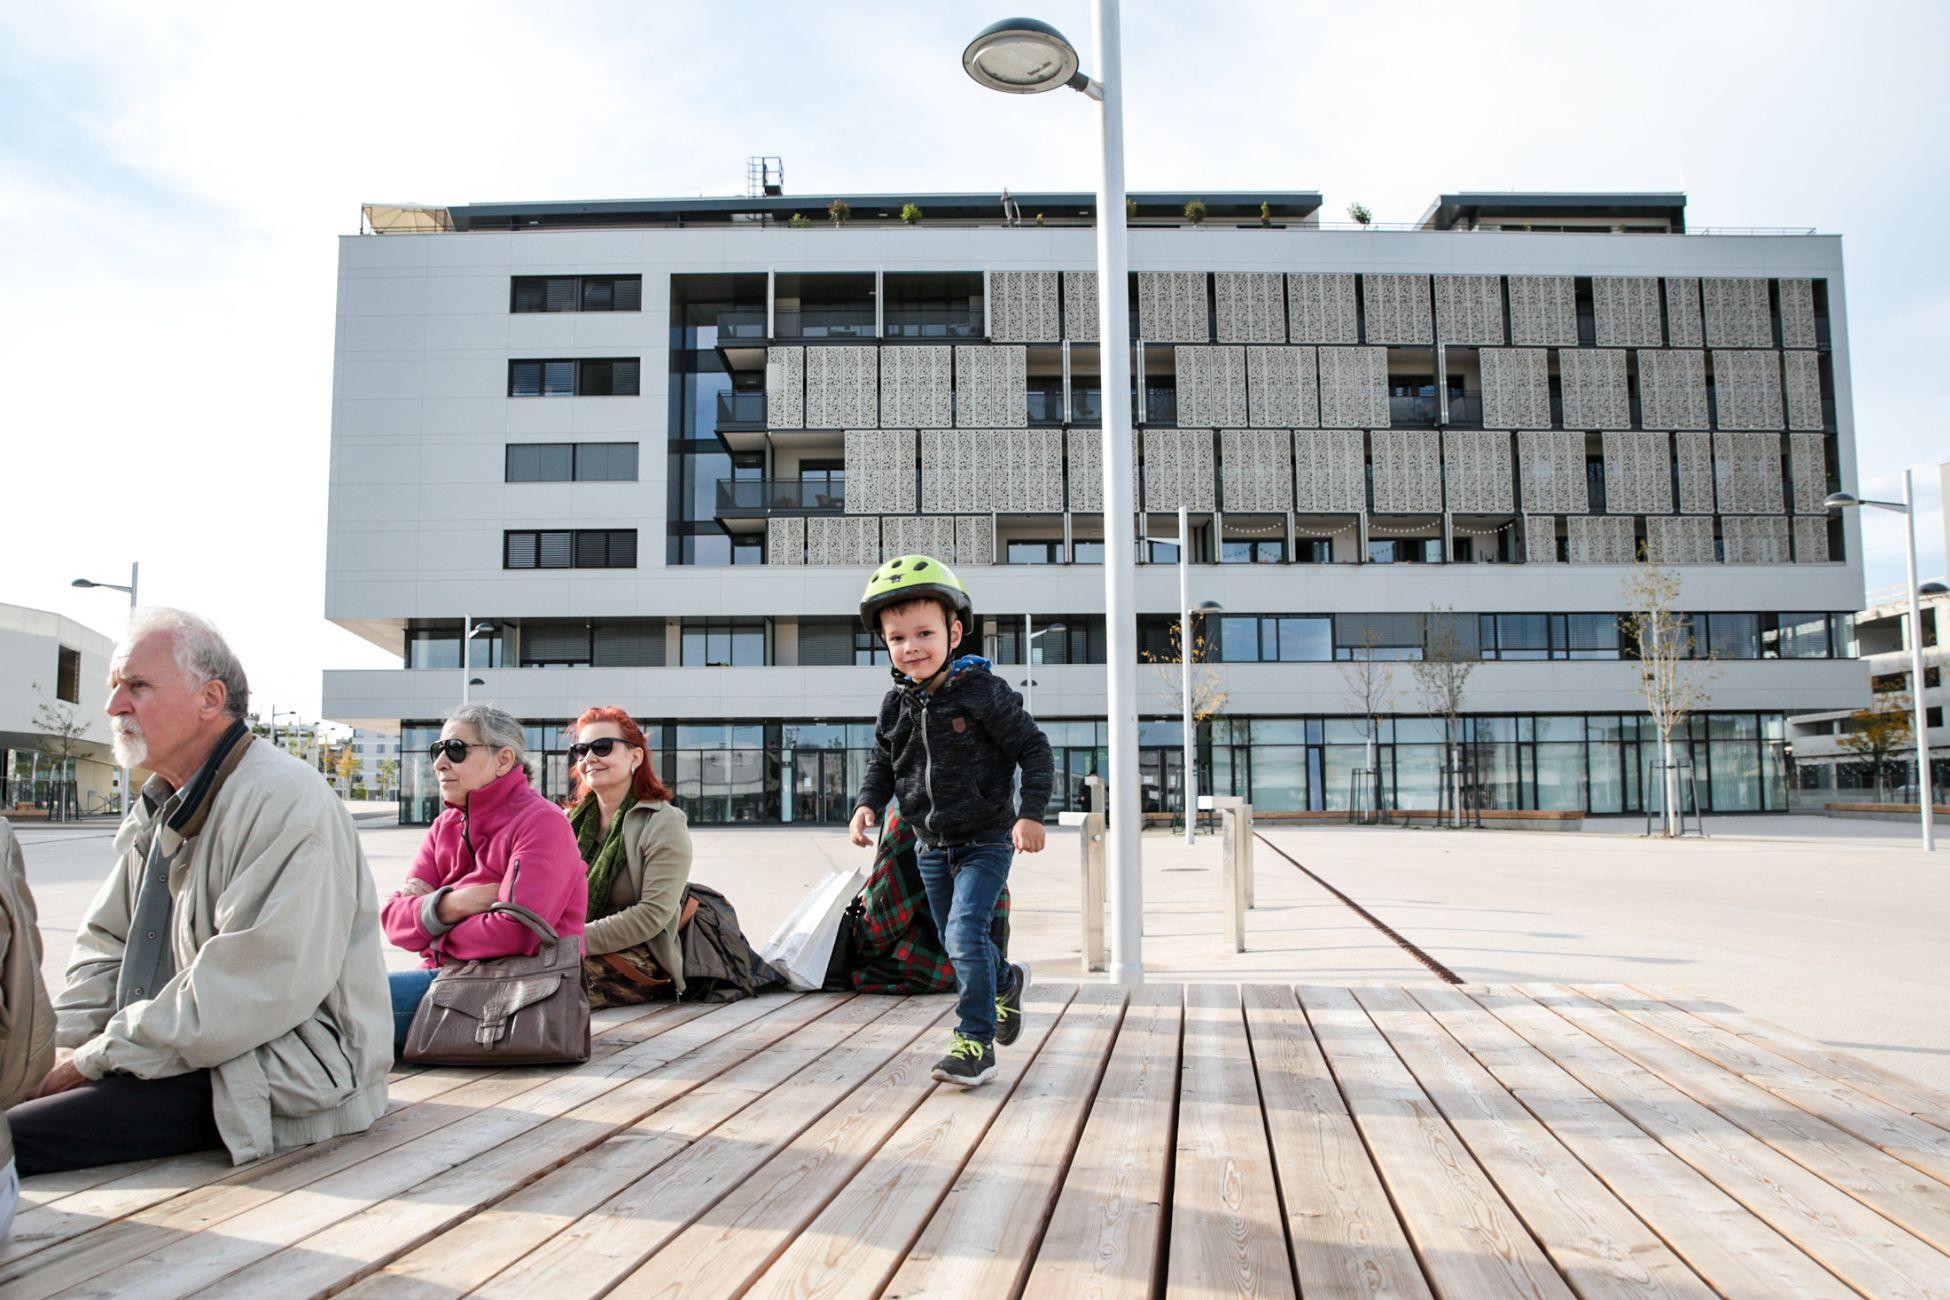 Sitzmöbel in der Seestadt Aspern. Ein kleiner Bub, zwei Frauen und ein Mann sitzen darauf. Foto: Mobilitätsagentur Wien/Christian Fürthner